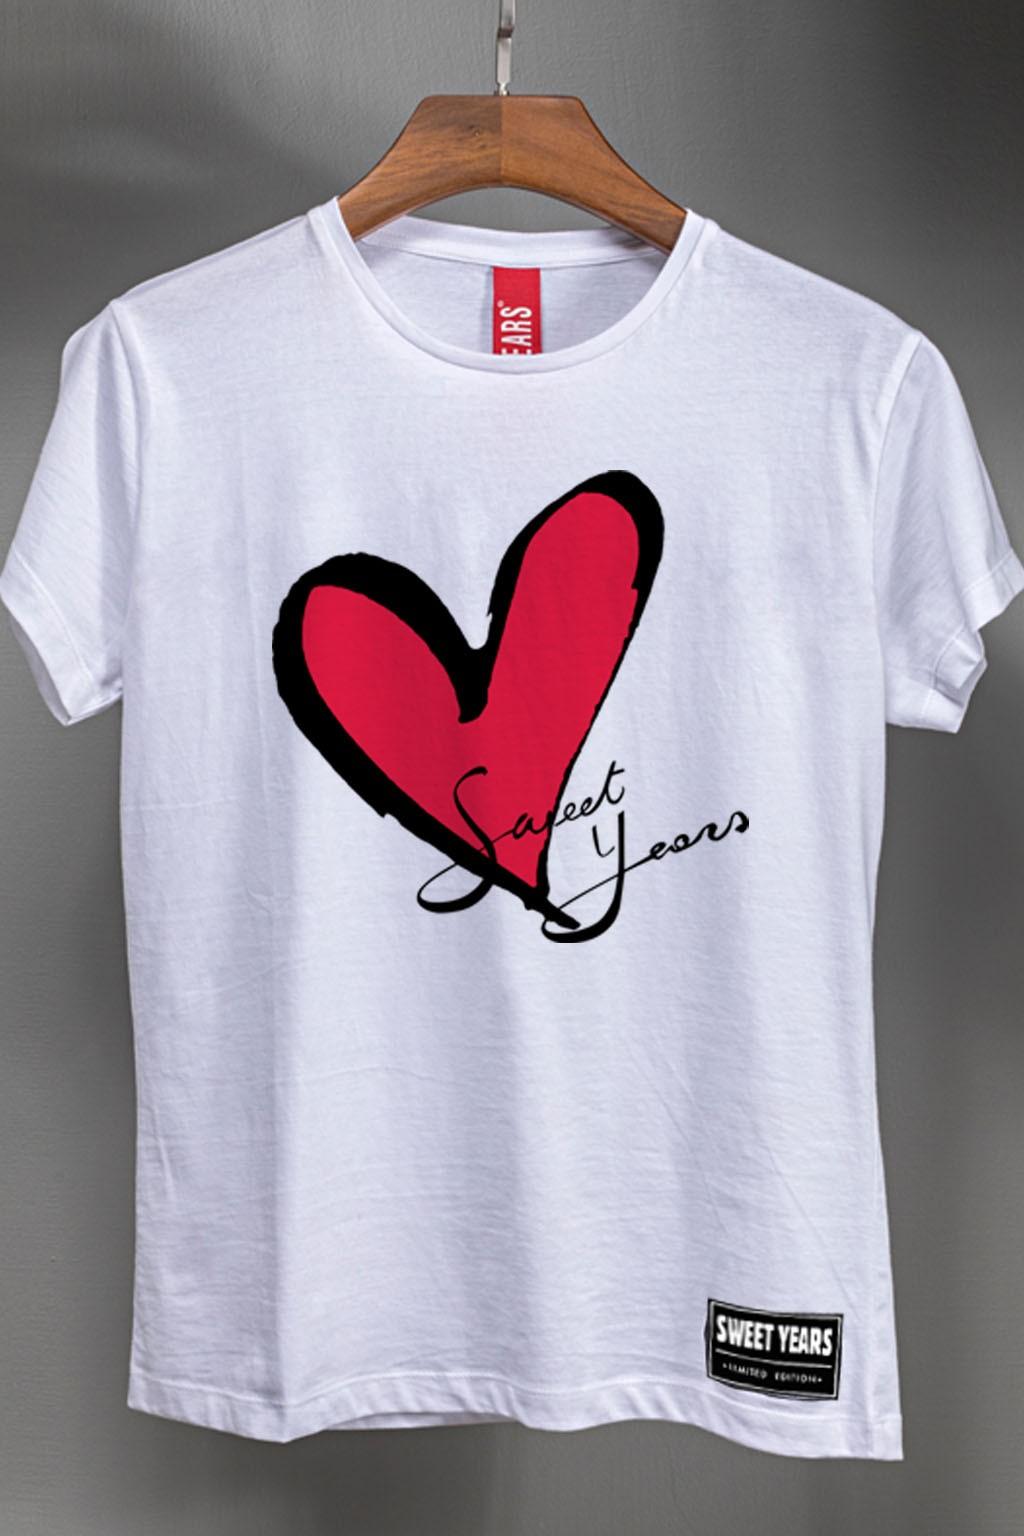 the best attitude 208a8 82606 T-shirt donna bianca celebrativa Sweet Years con stampa del cuore Taglia L  Colore Bianco